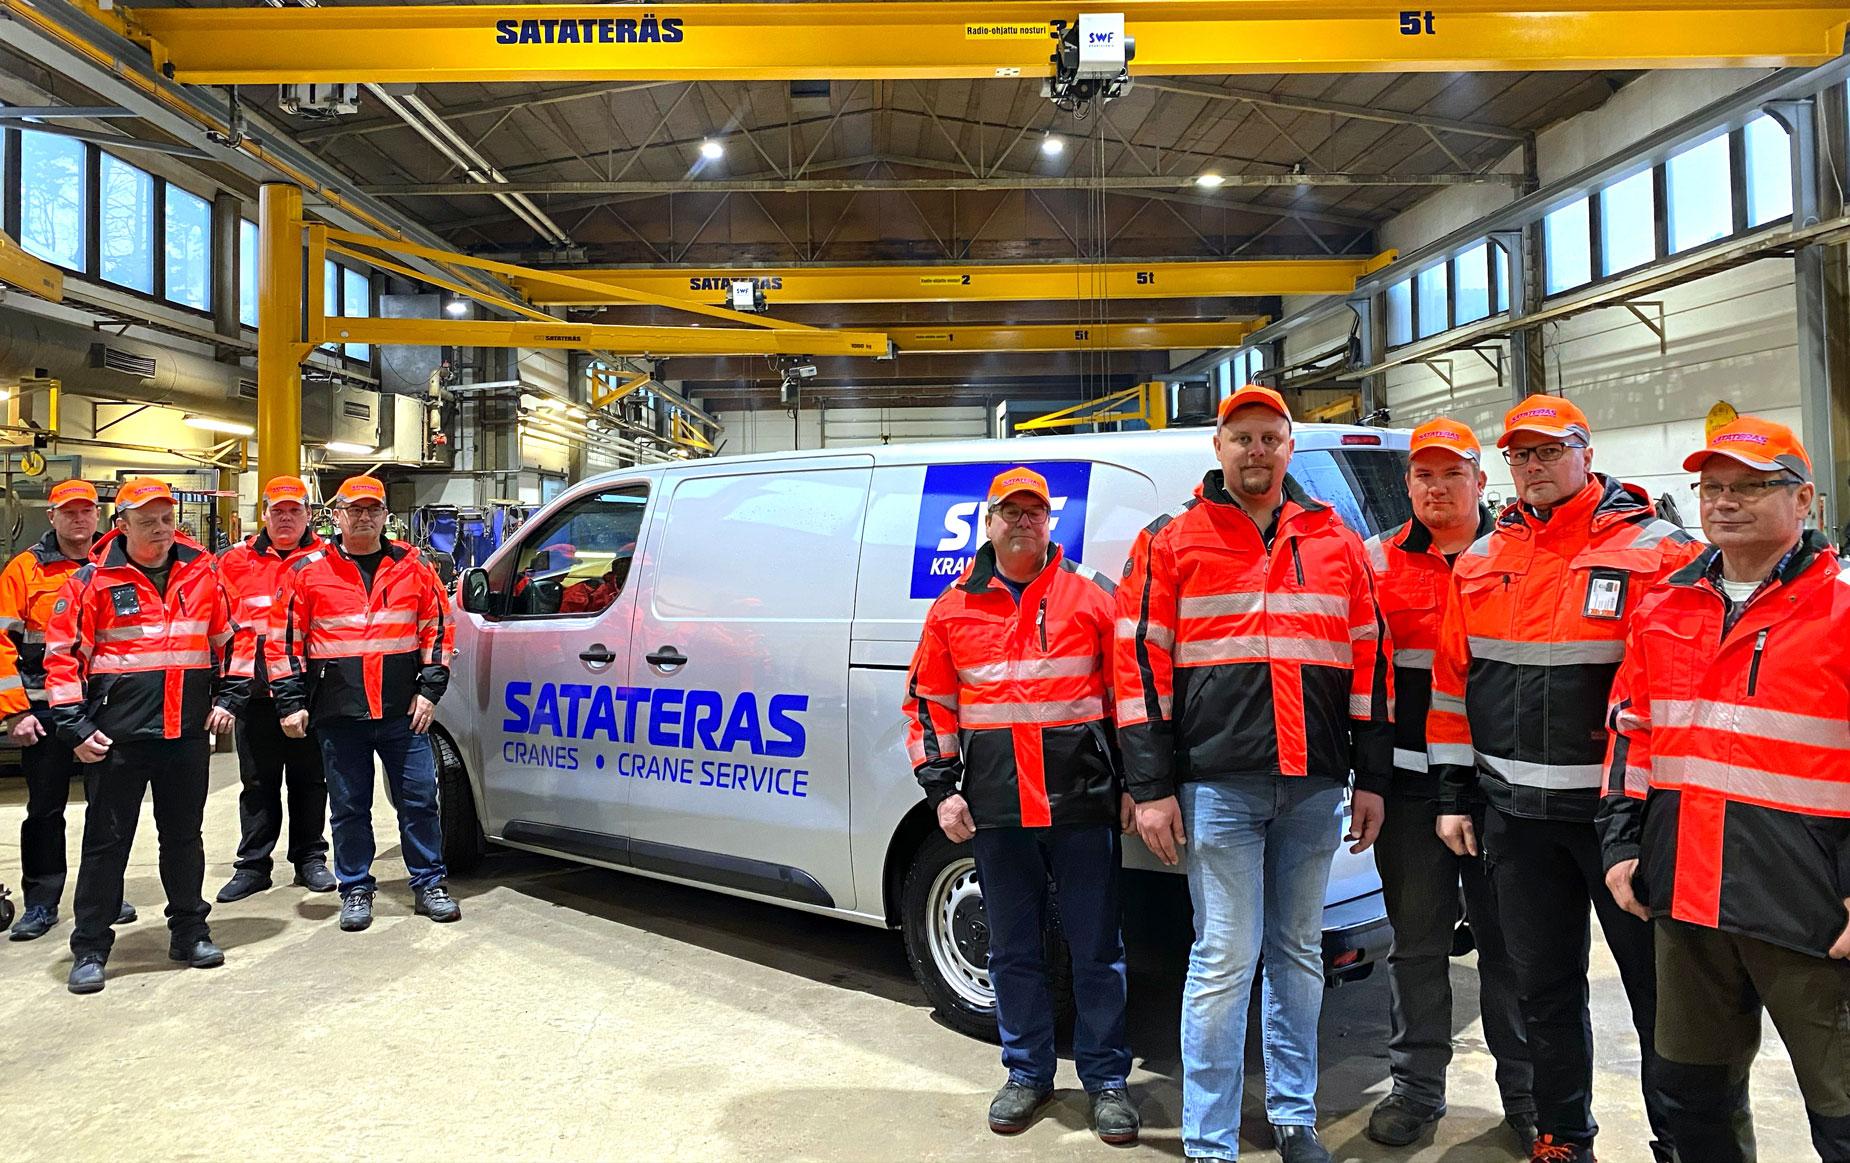 crane-service-nosturihuolto-teollisuus-metalliteollisuus-teollisuuden-siltanosturit-satateras_1